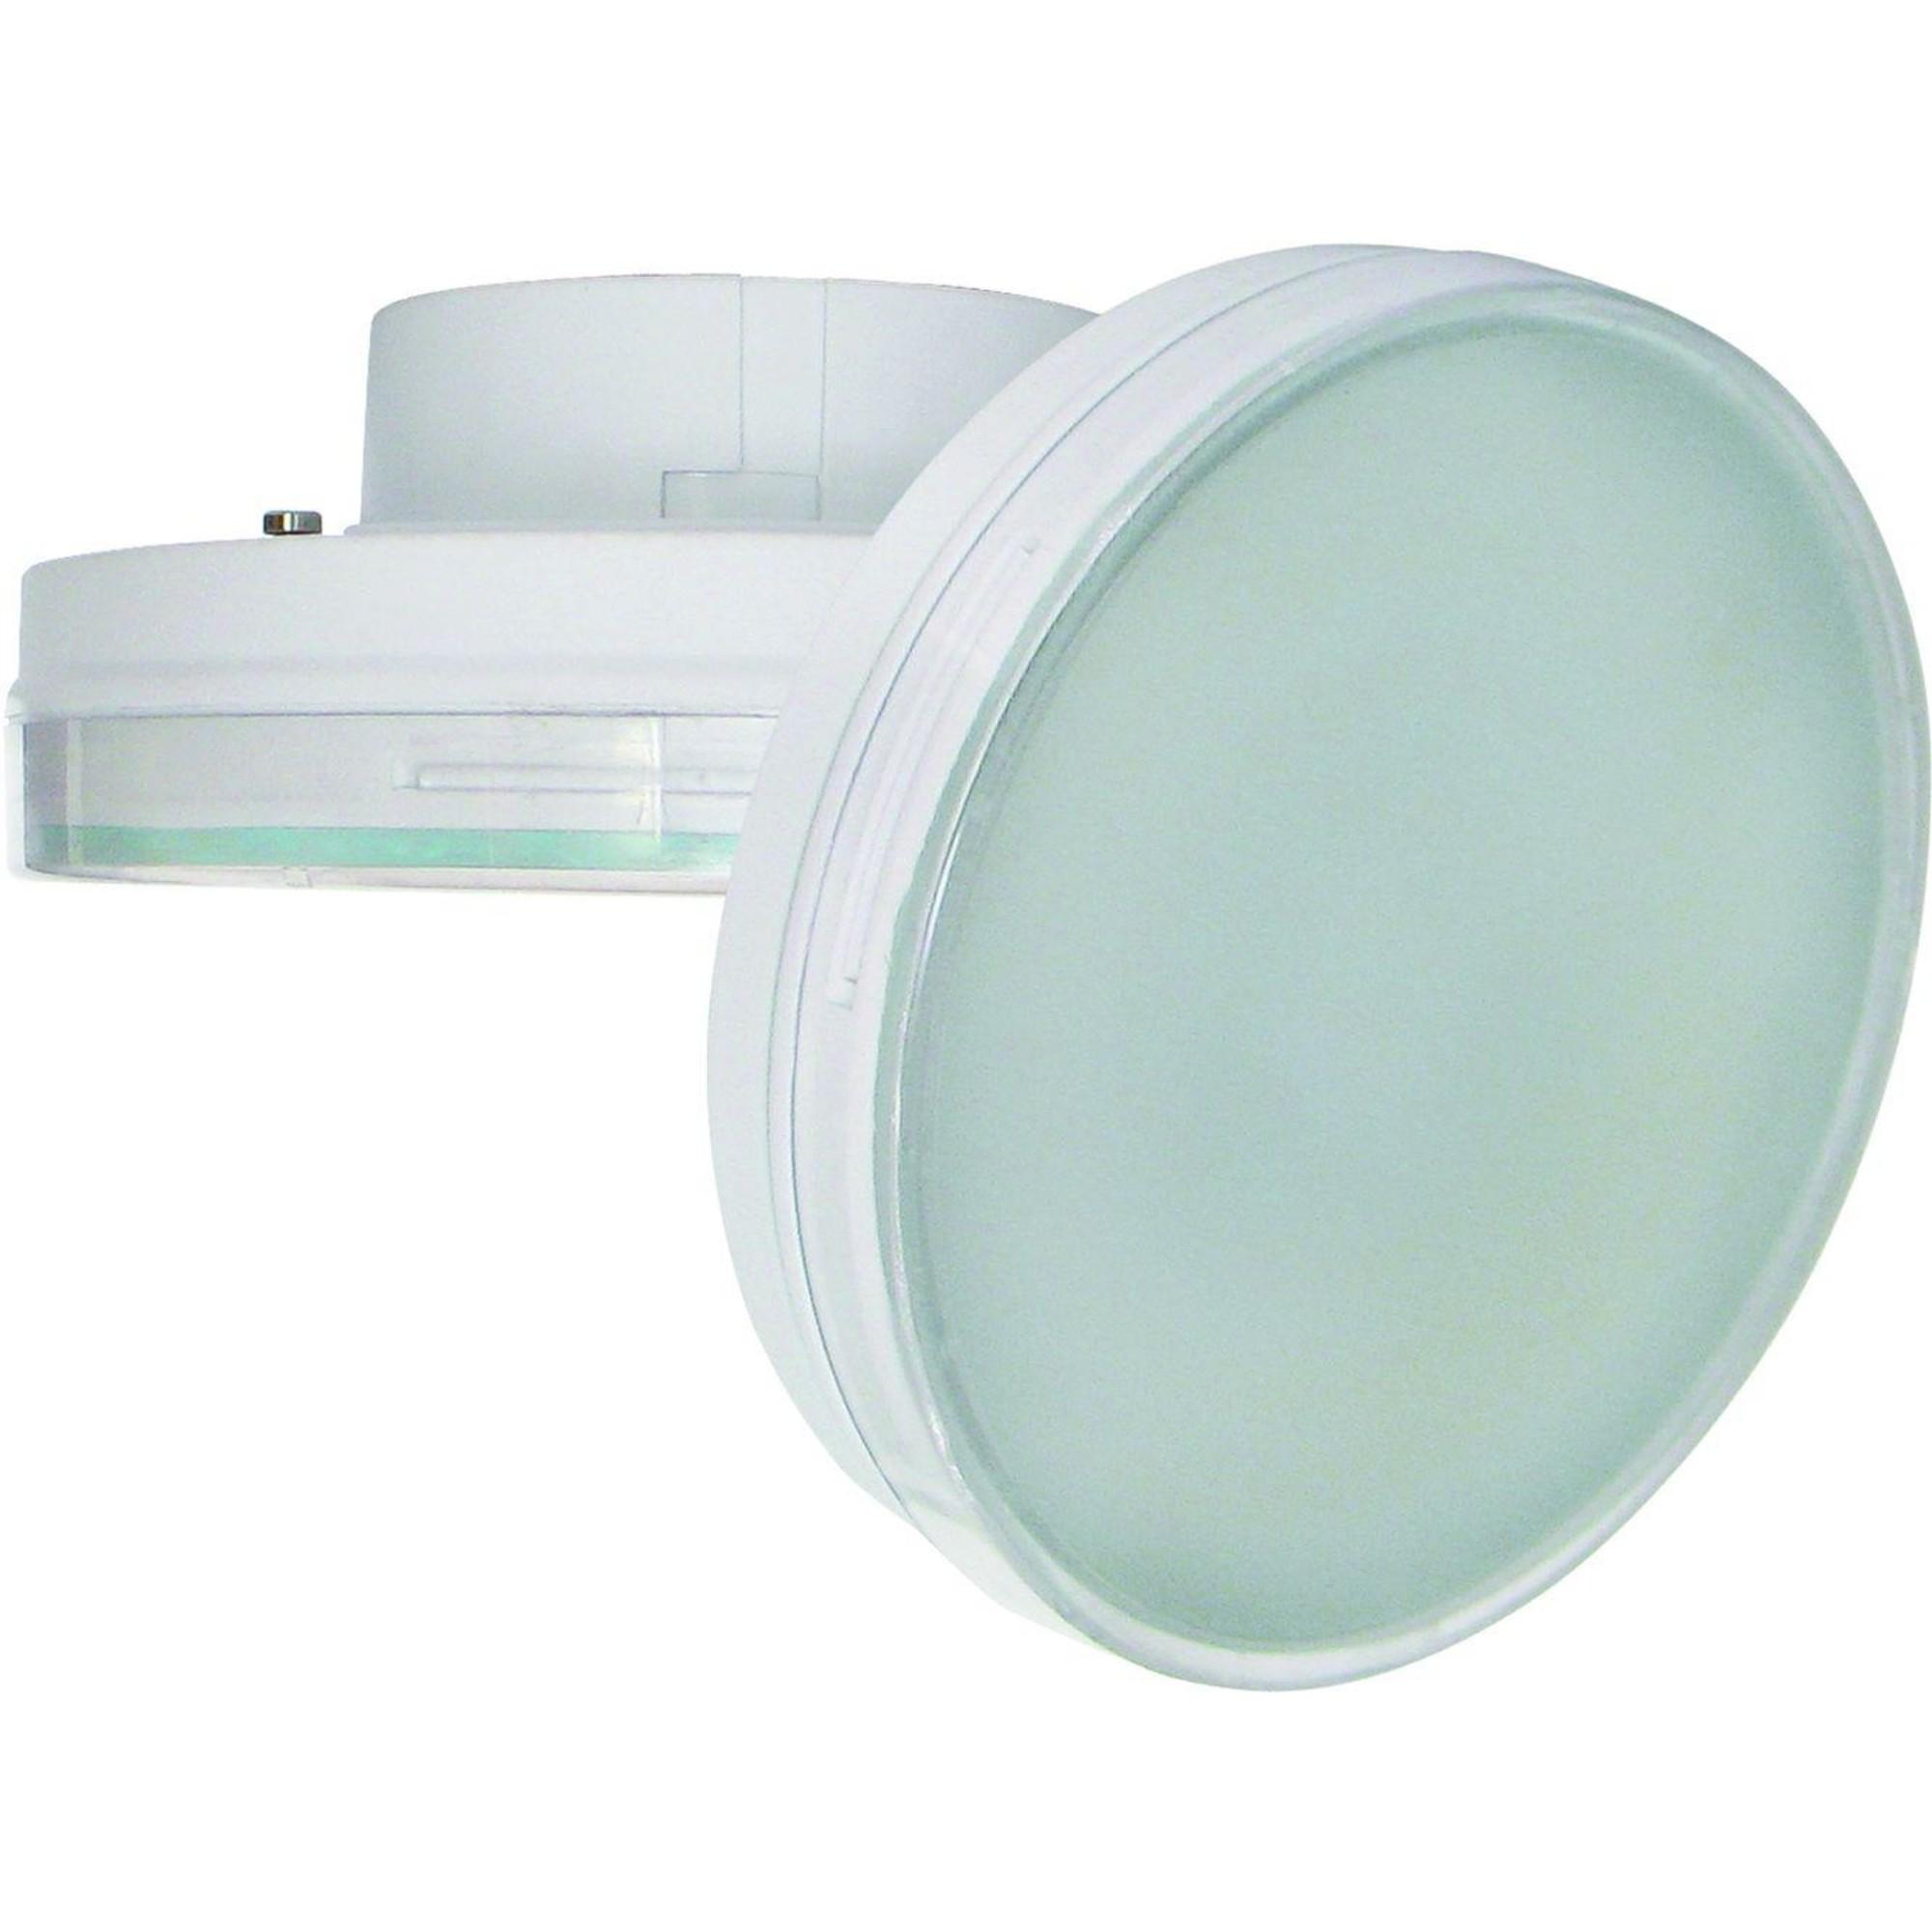 Лампа Ecola Premium светодионая GX70 13 Вт таблетка 1170 Лм холодный свет